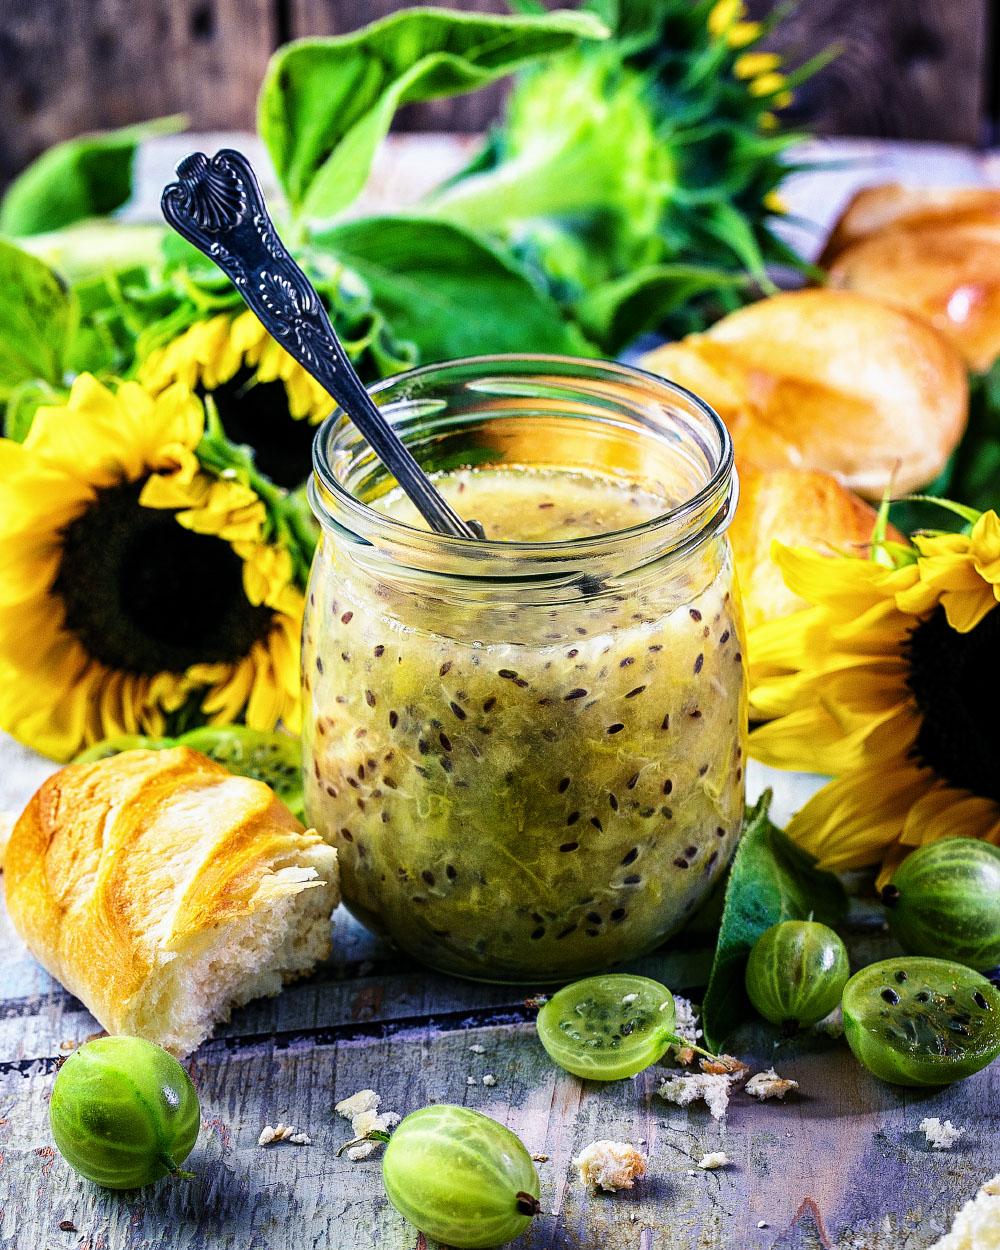 Grüne Stachelbeer-Marmelade - einfaches Rezept für köstliche Marmelade